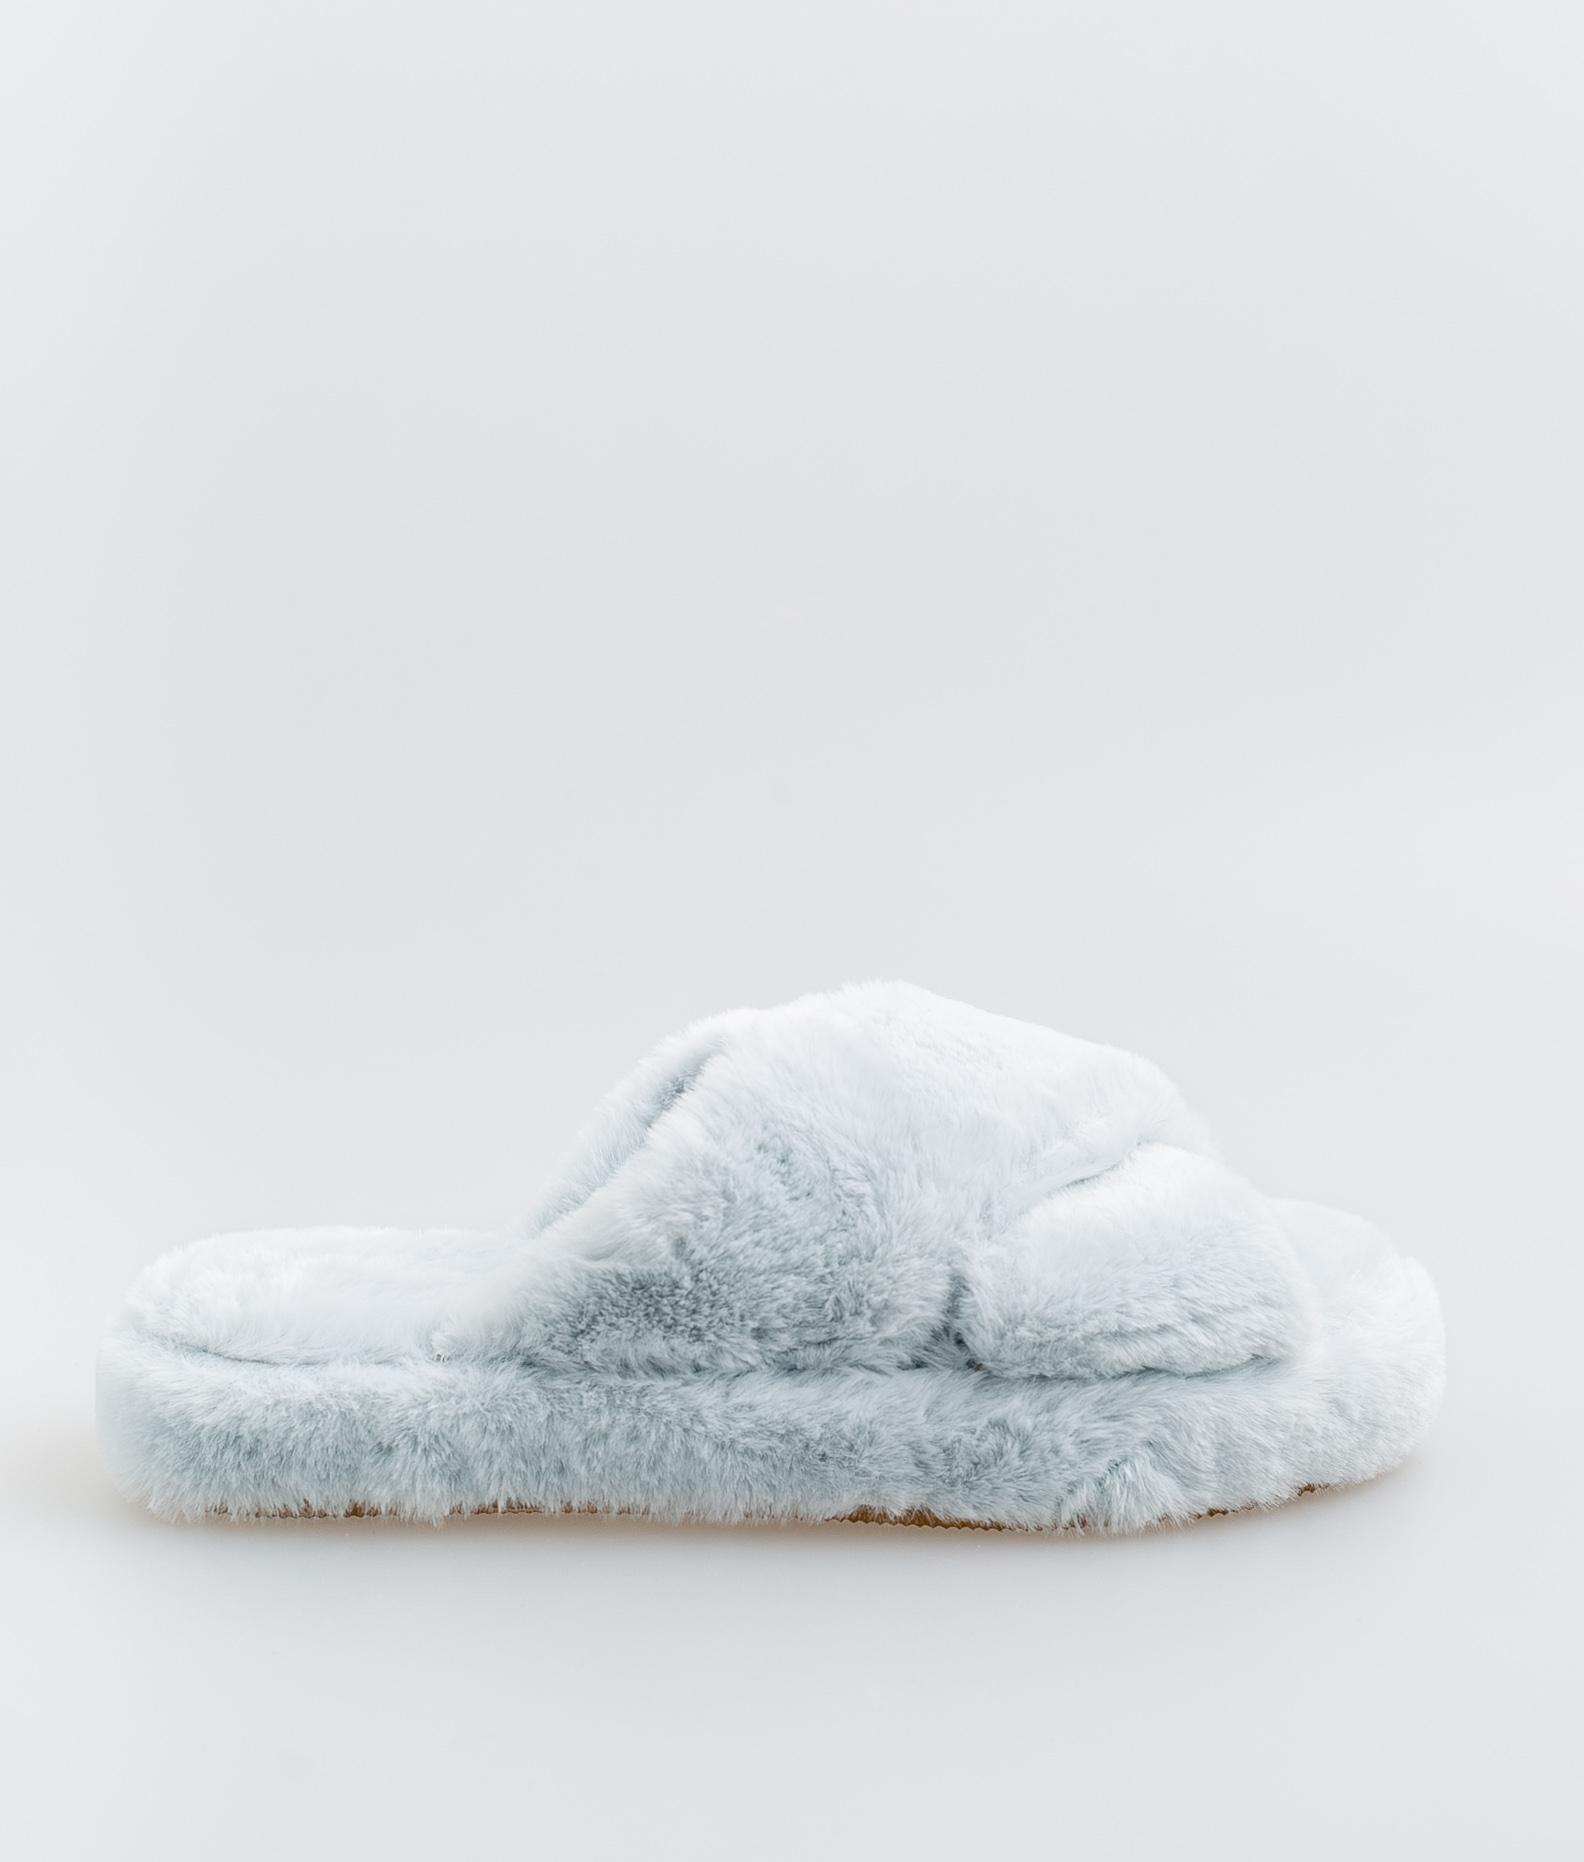 CHAUSSURE PIELA - BLU CLAIR